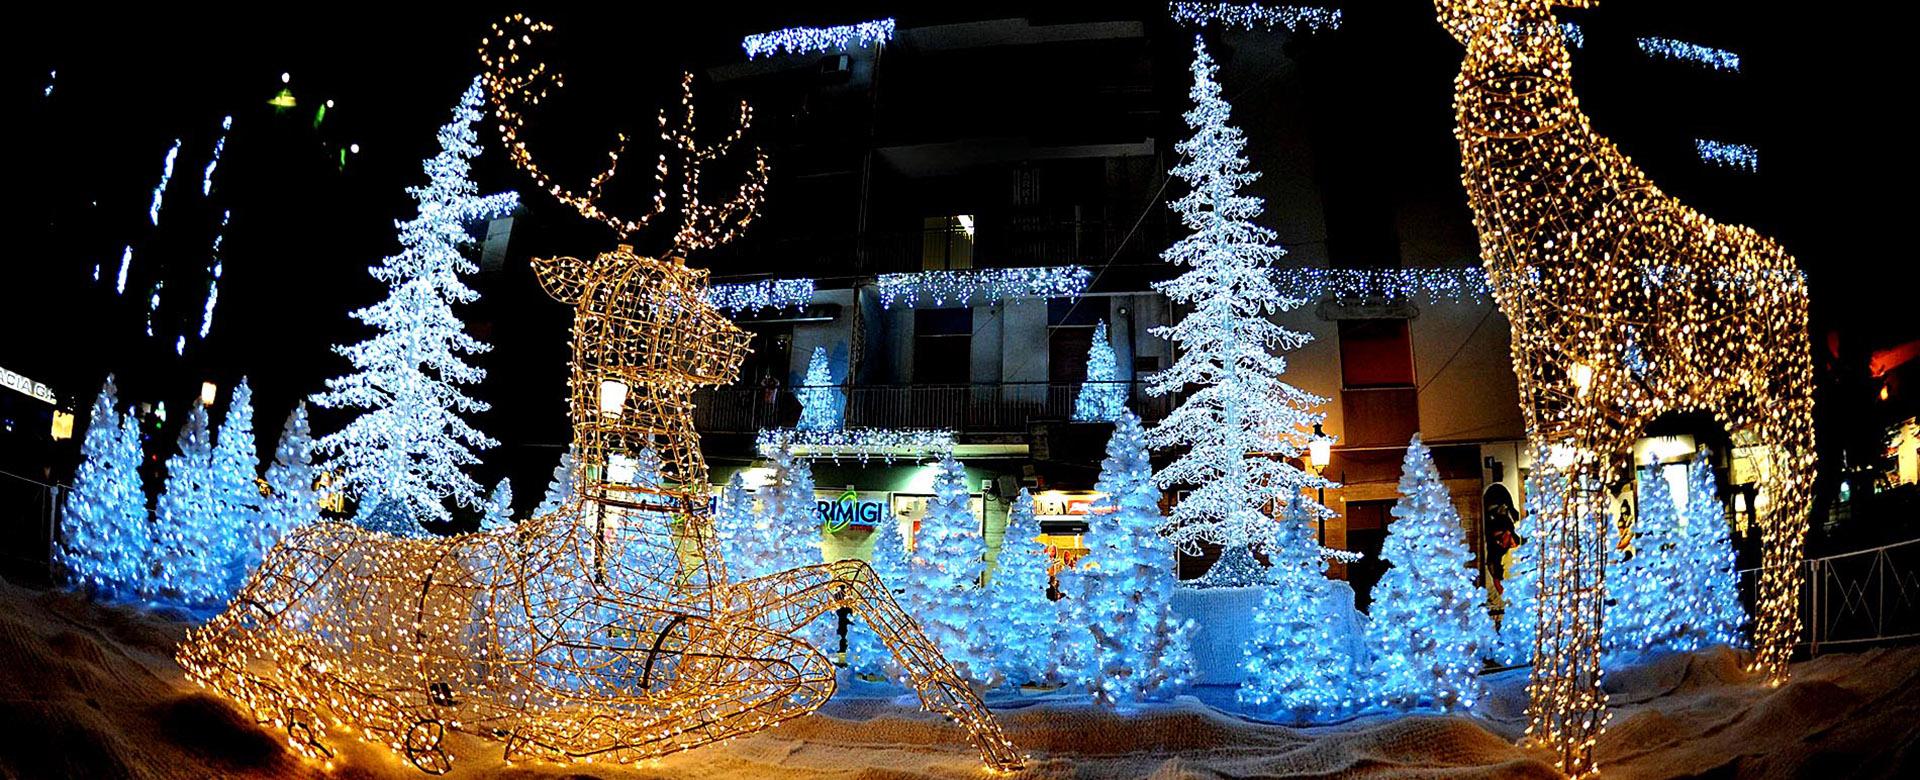 Luminarie di Natale, spreco imprescindibile per enti pubblici senza soldi